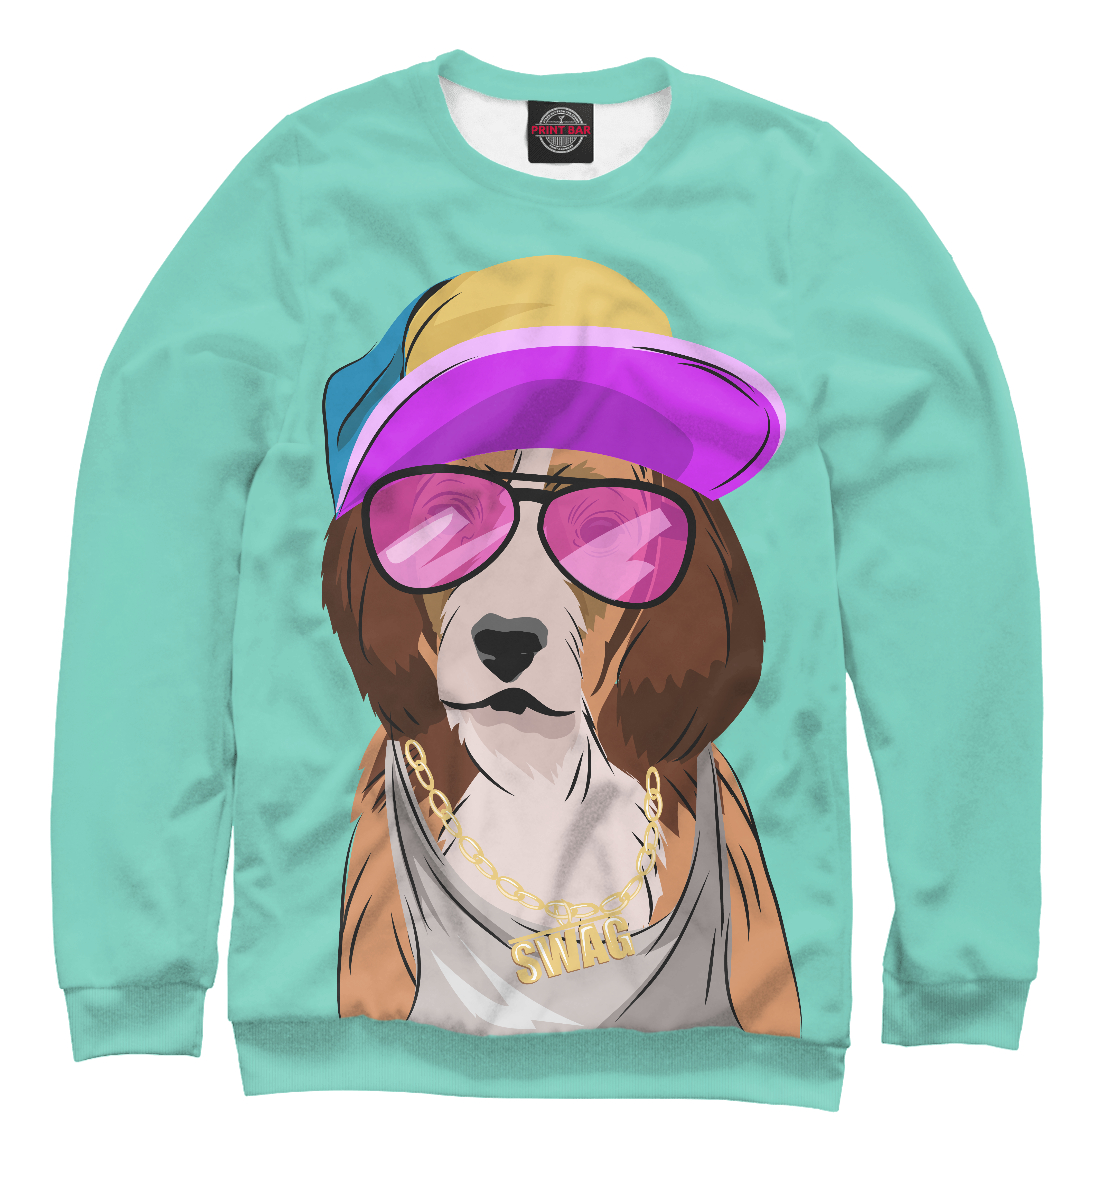 Купить Собака, одетая в стиле хип-хоп, Printbar, Свитшоты, HIP-599382-swi-2